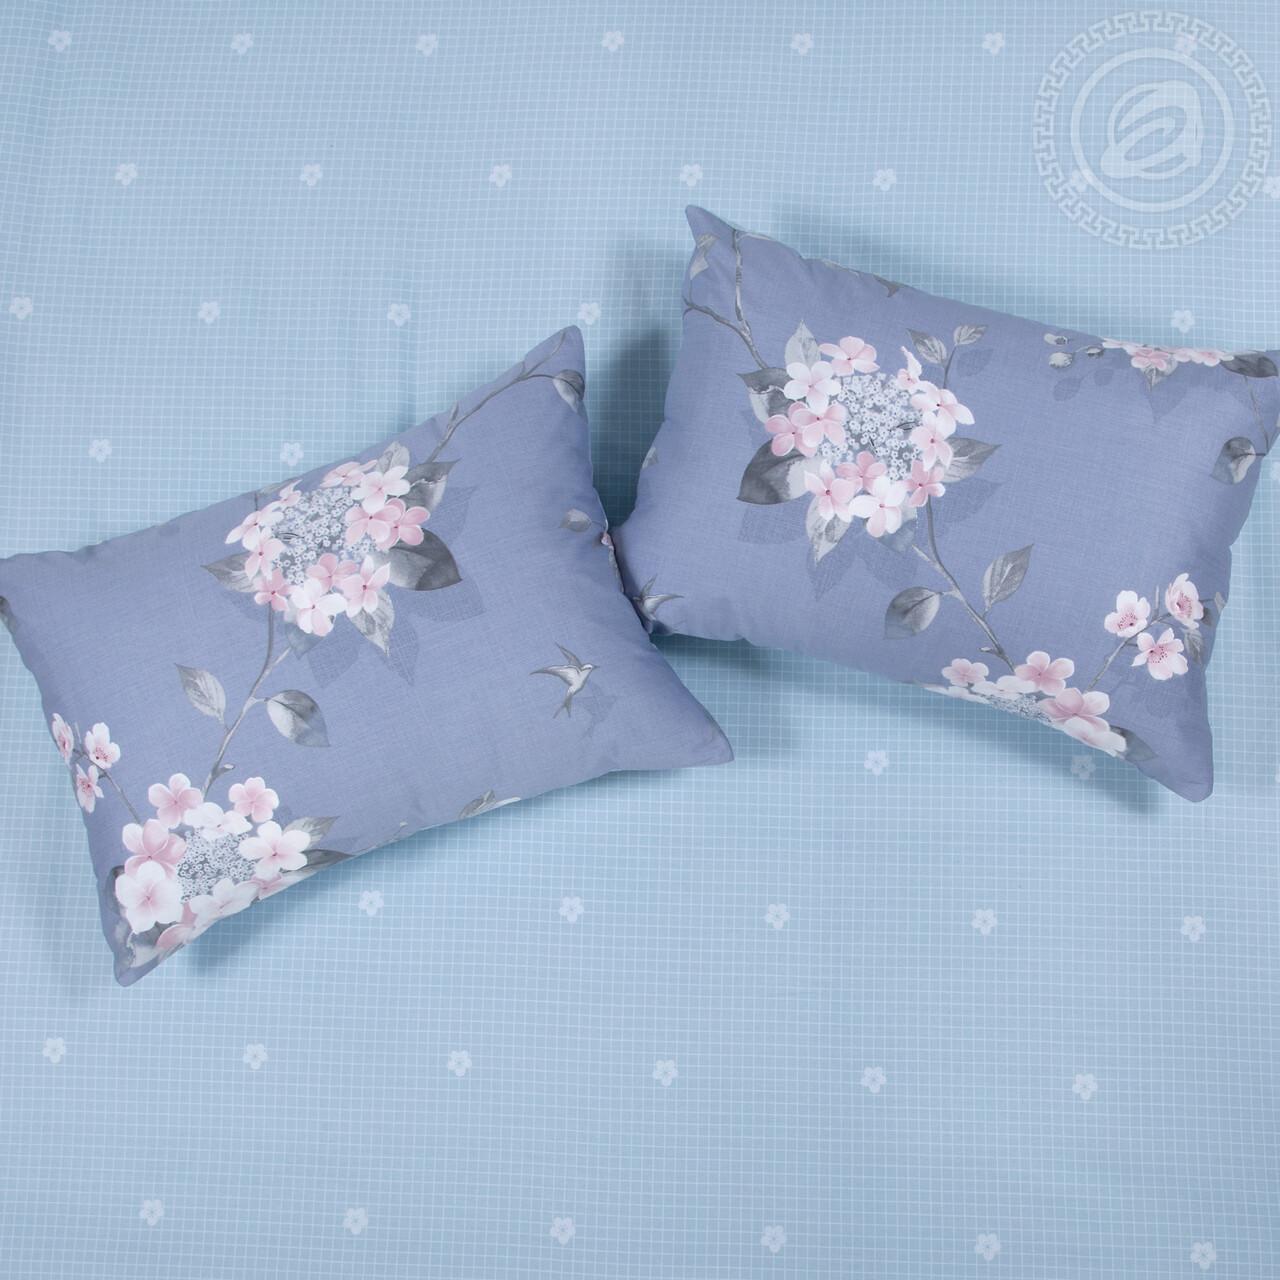 Джульетта - Premium  (Комплекты постельного белья)